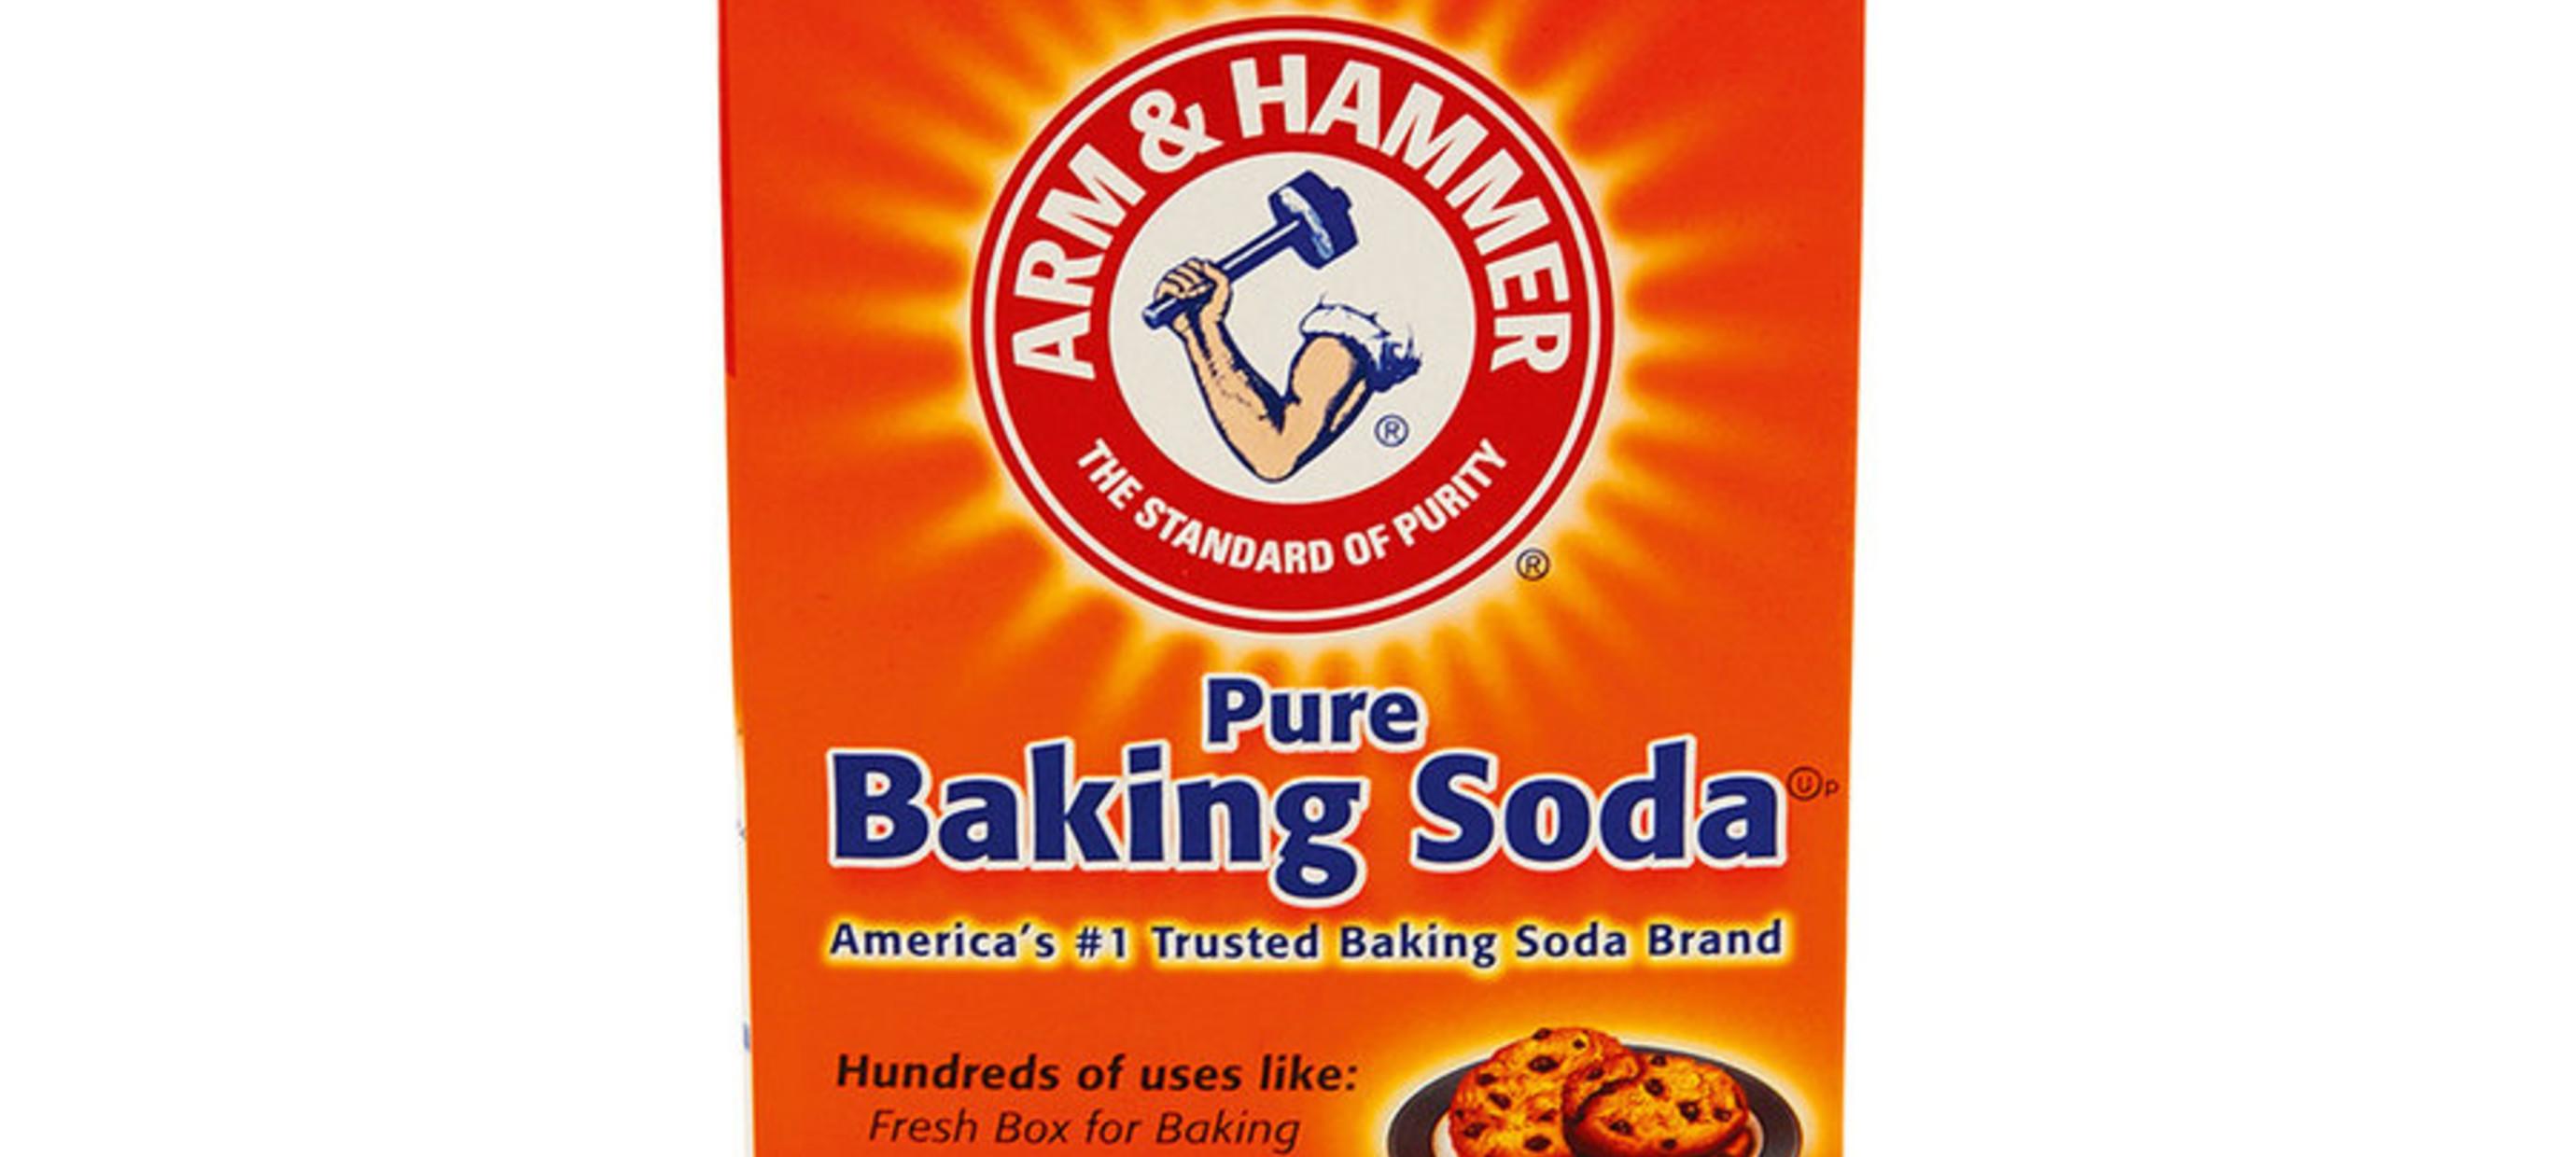 Wondermiddel - Baking Soda van Arm & Hammer